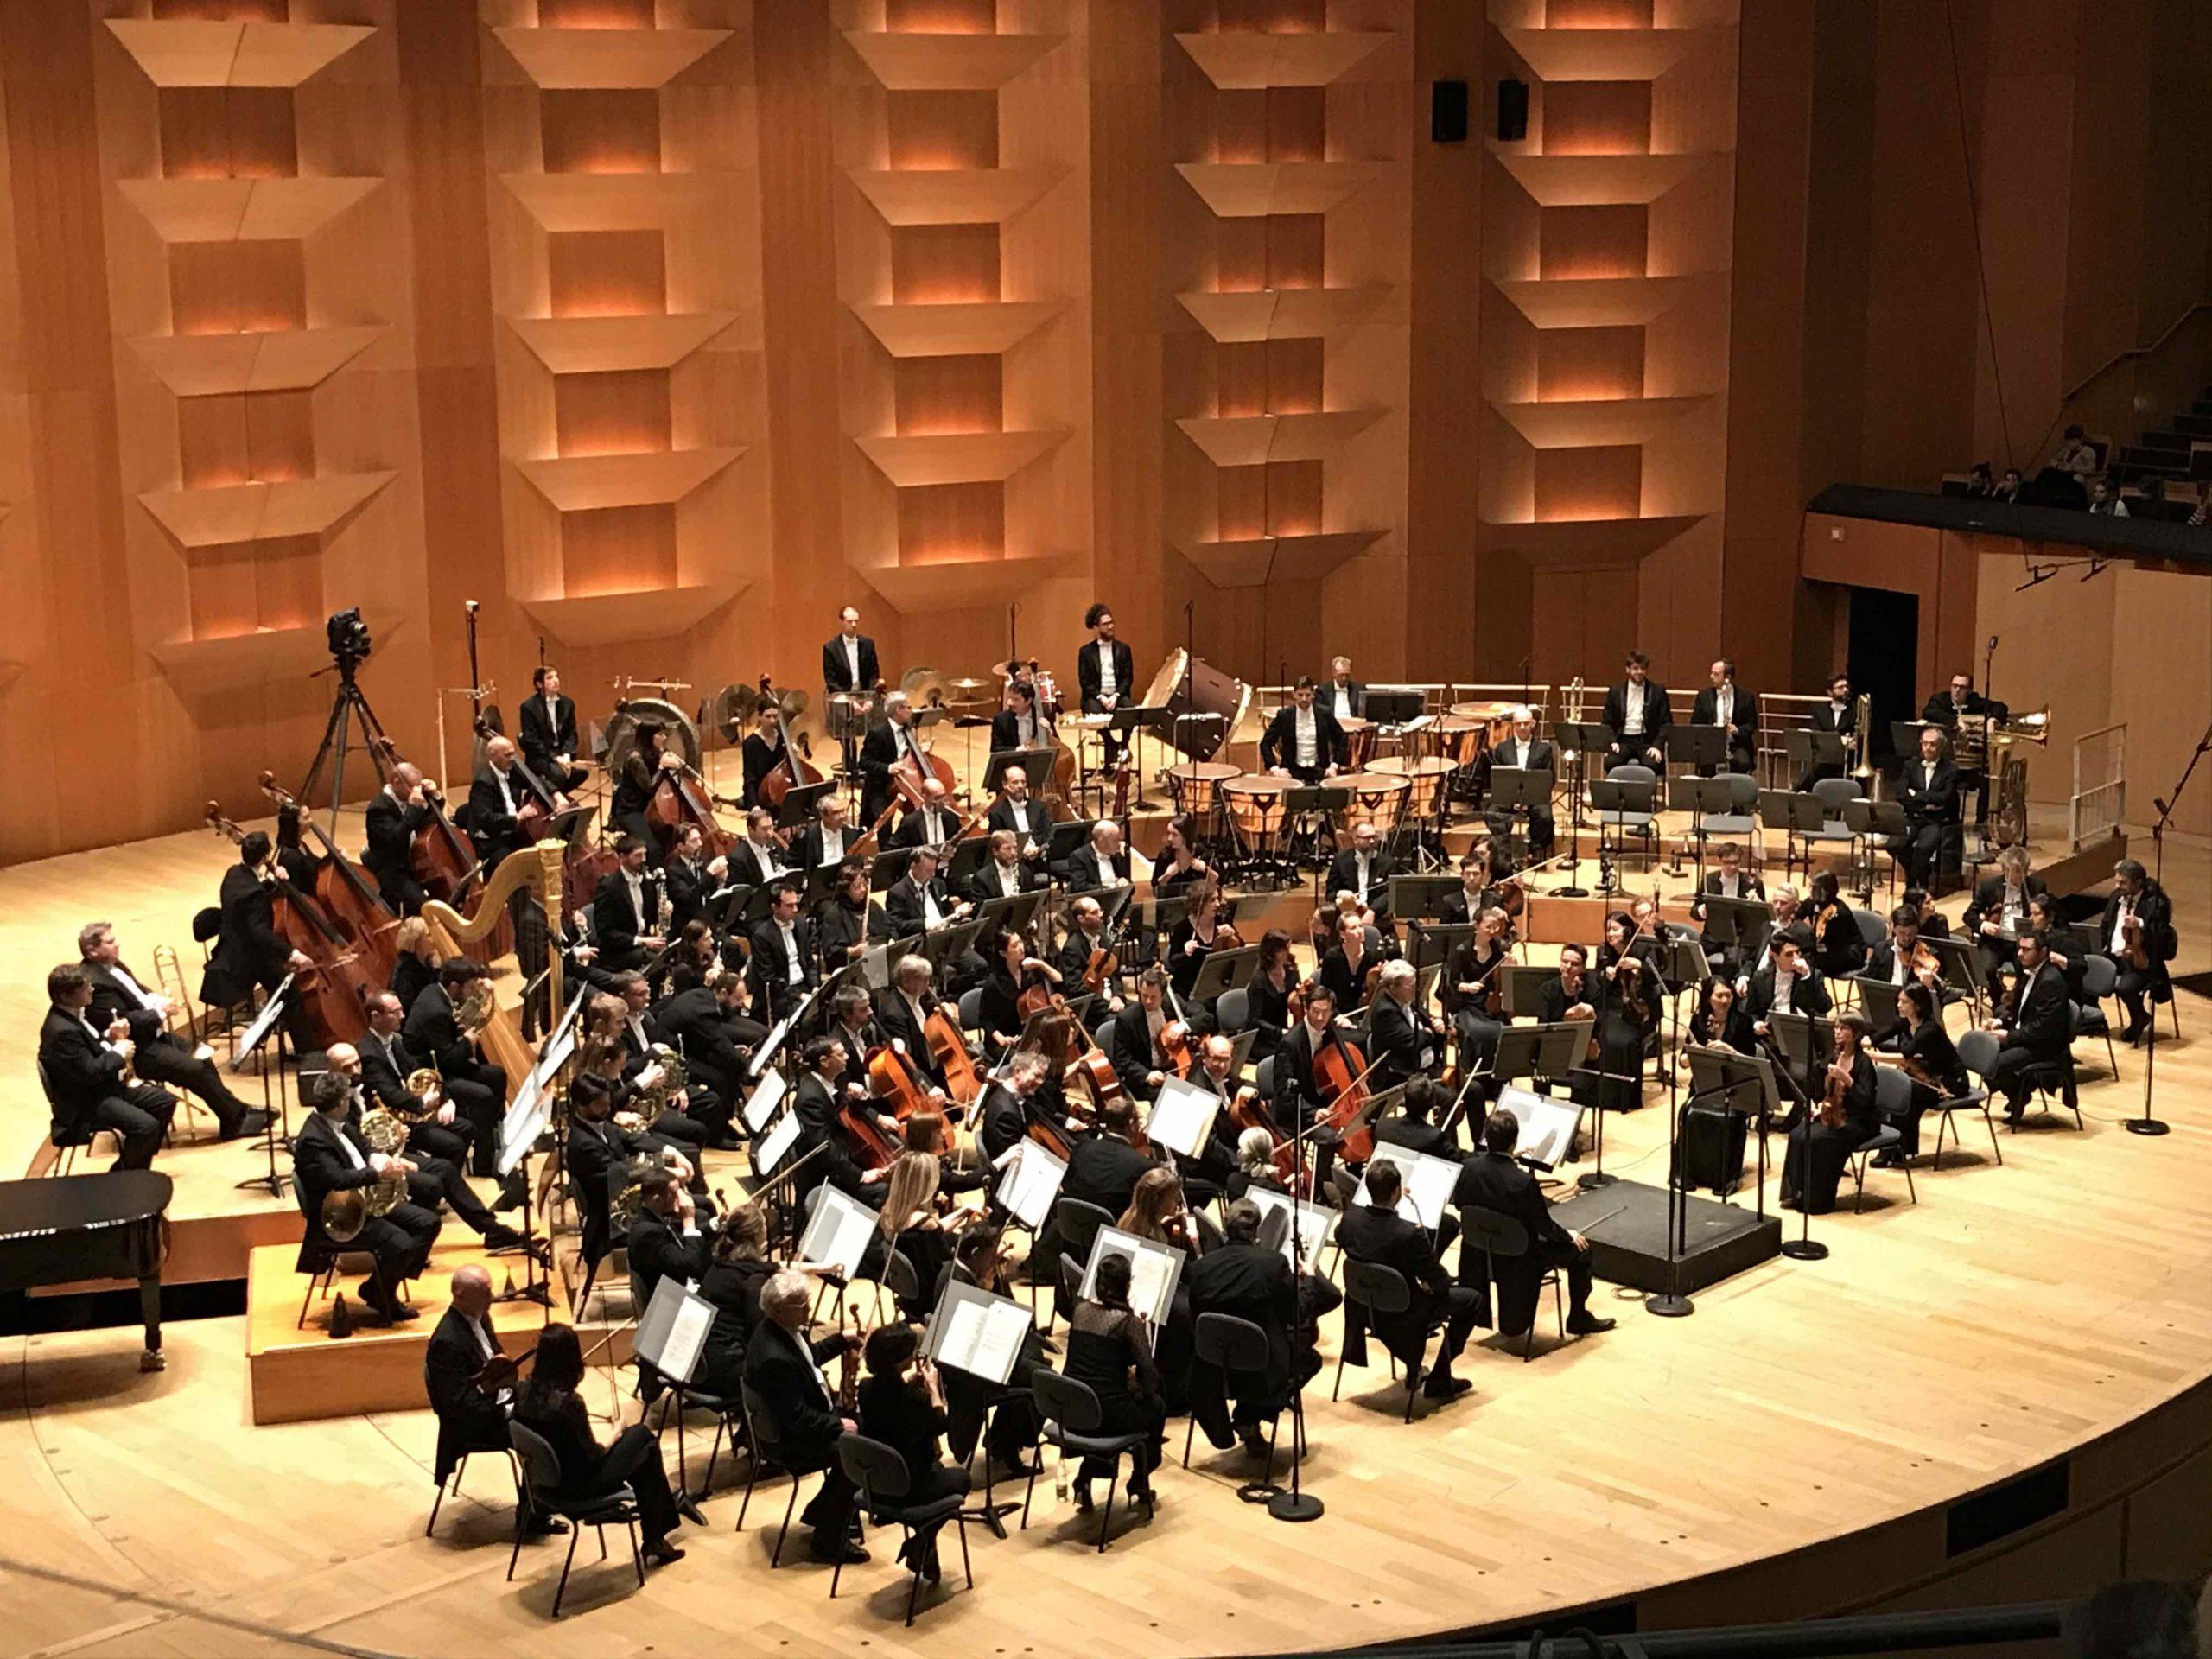 Orchestre National de Lyon par LaPtiteAlsacienne Cendrine Miesch